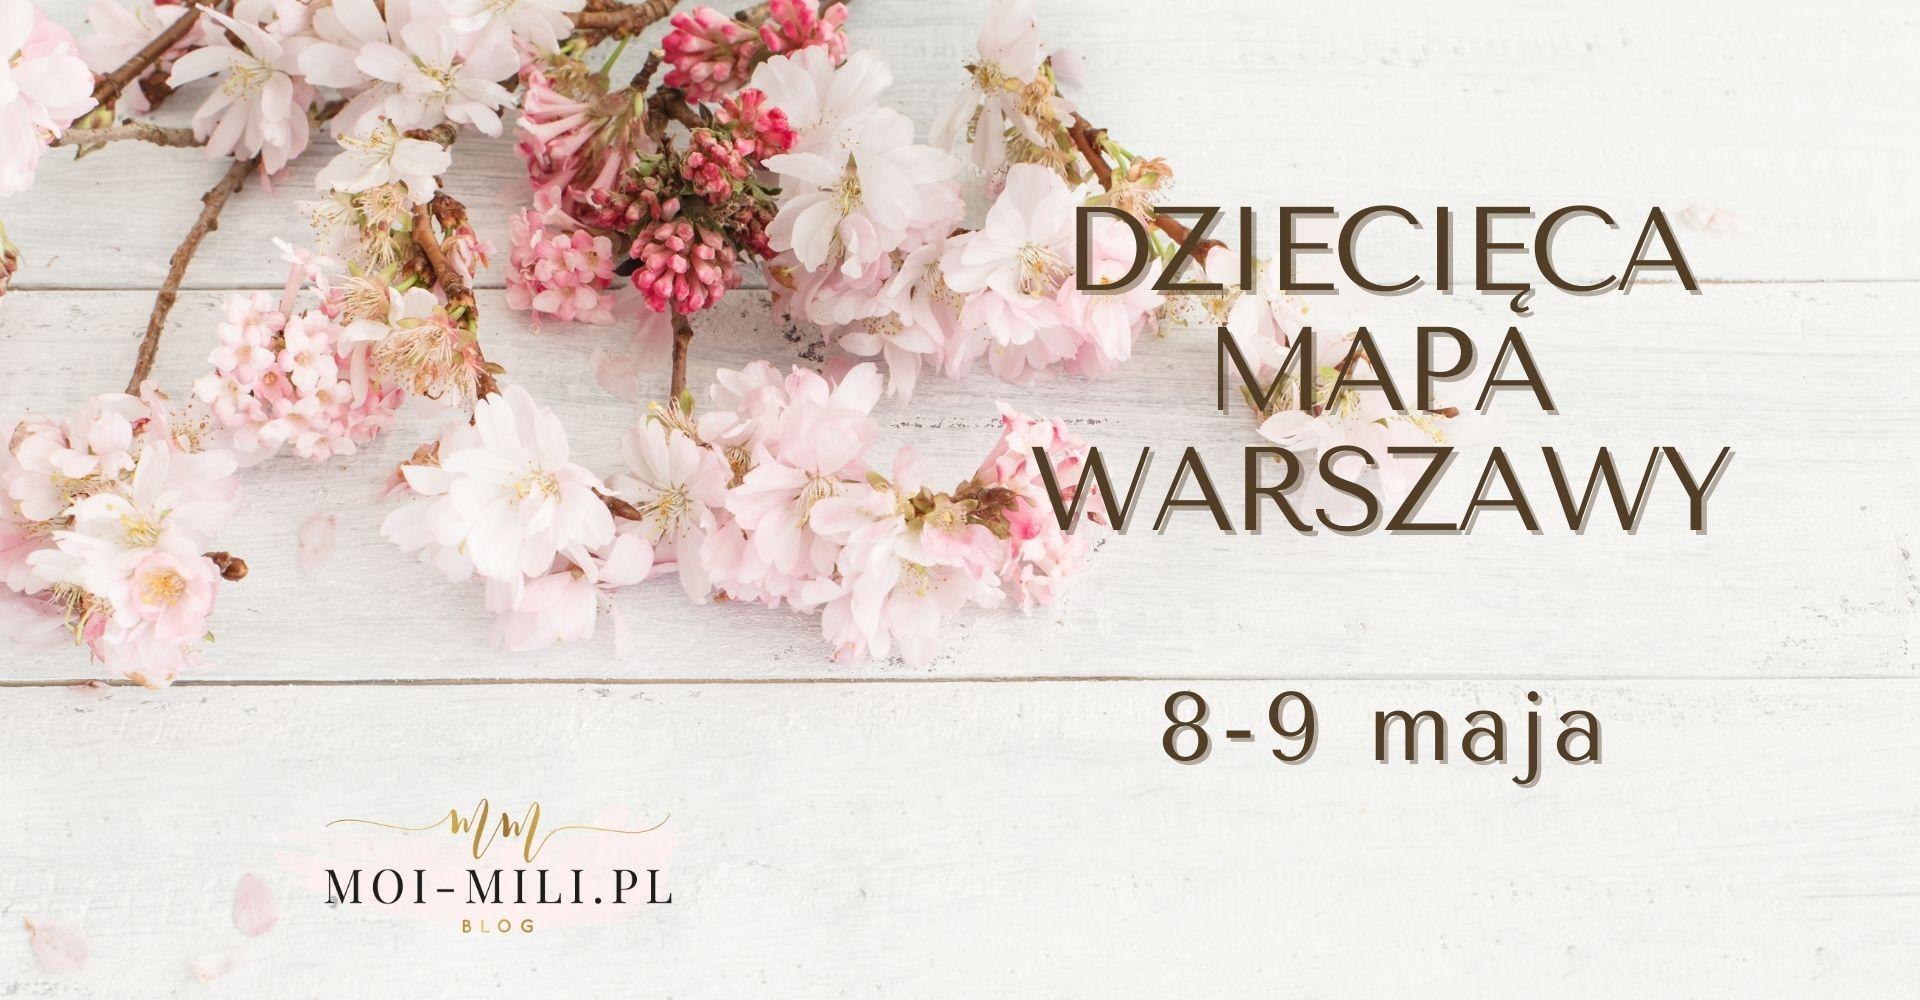 Weekendowa Zajawka, czyli co robić z dzieckiem w Warszawie 8-9 maja